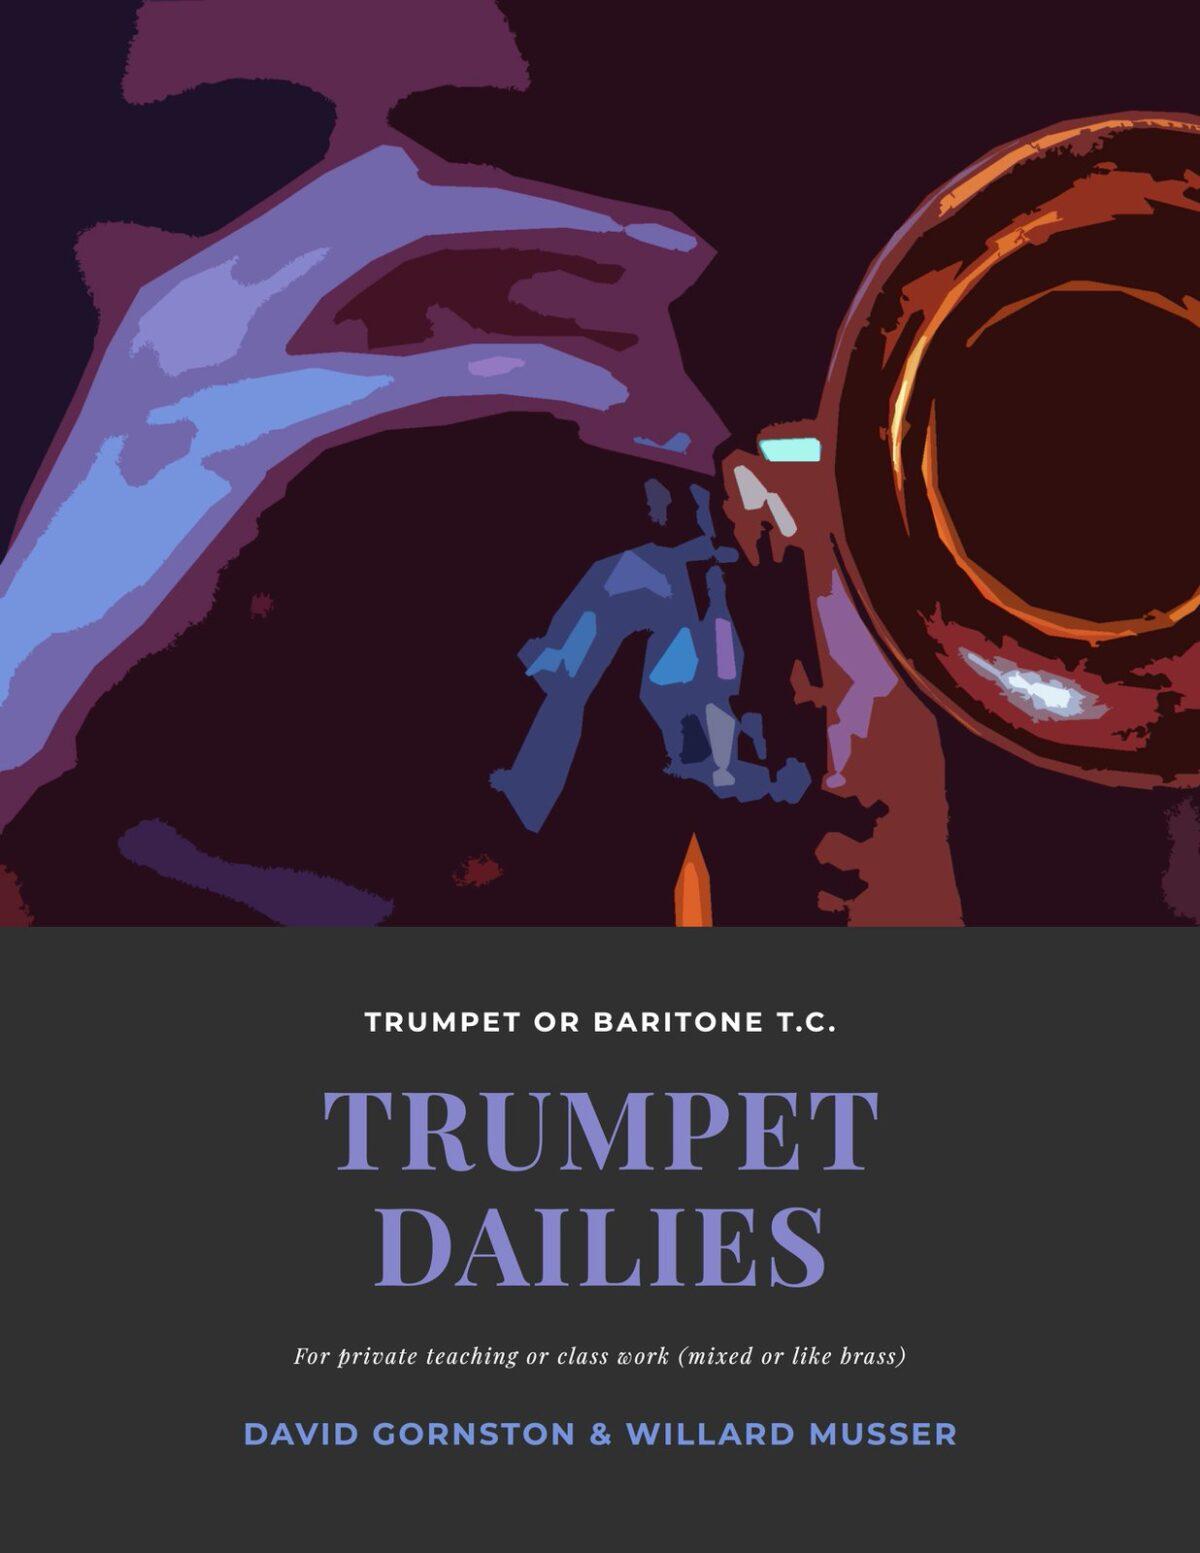 Gornston, Trumpet Dailies-p01